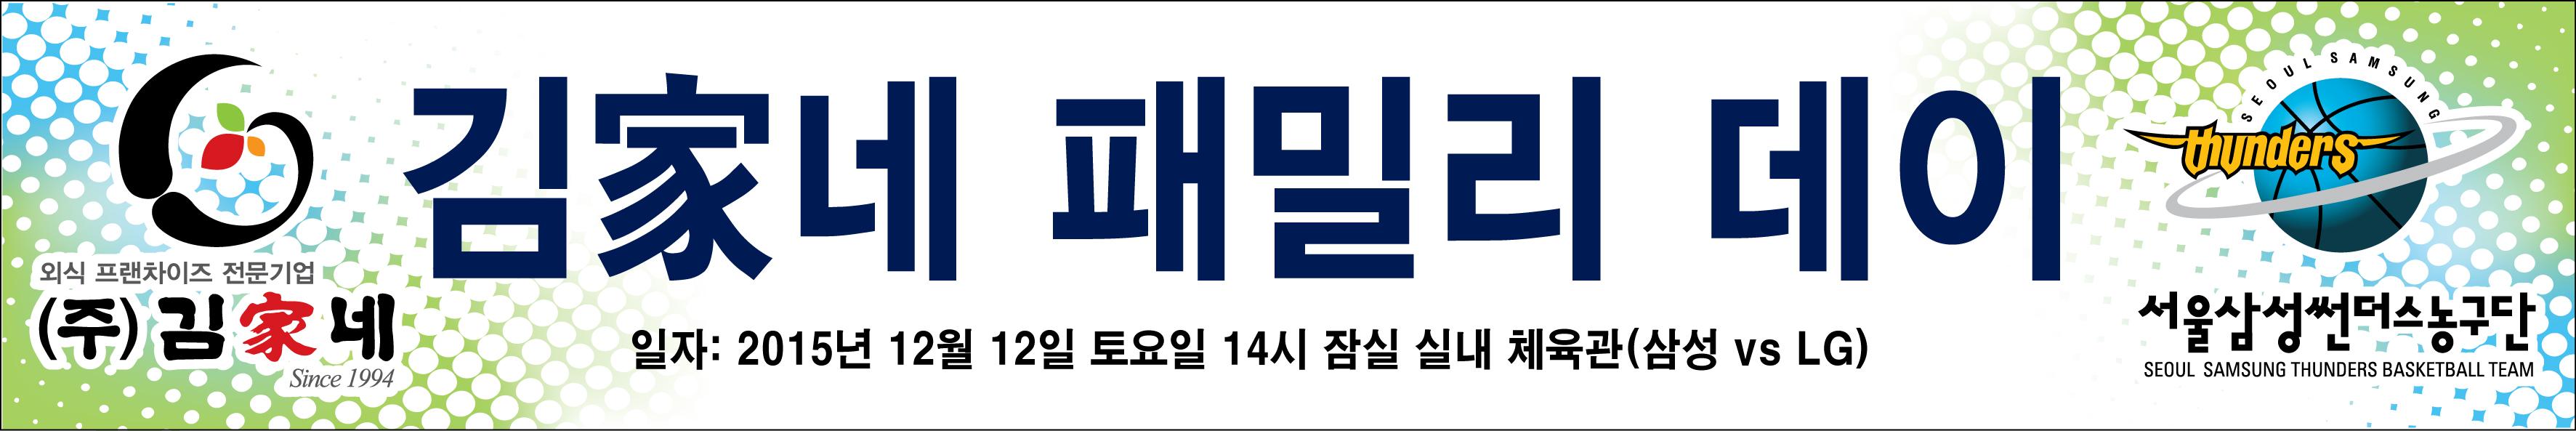 김가네 삼성썬더스 이미지.jpg